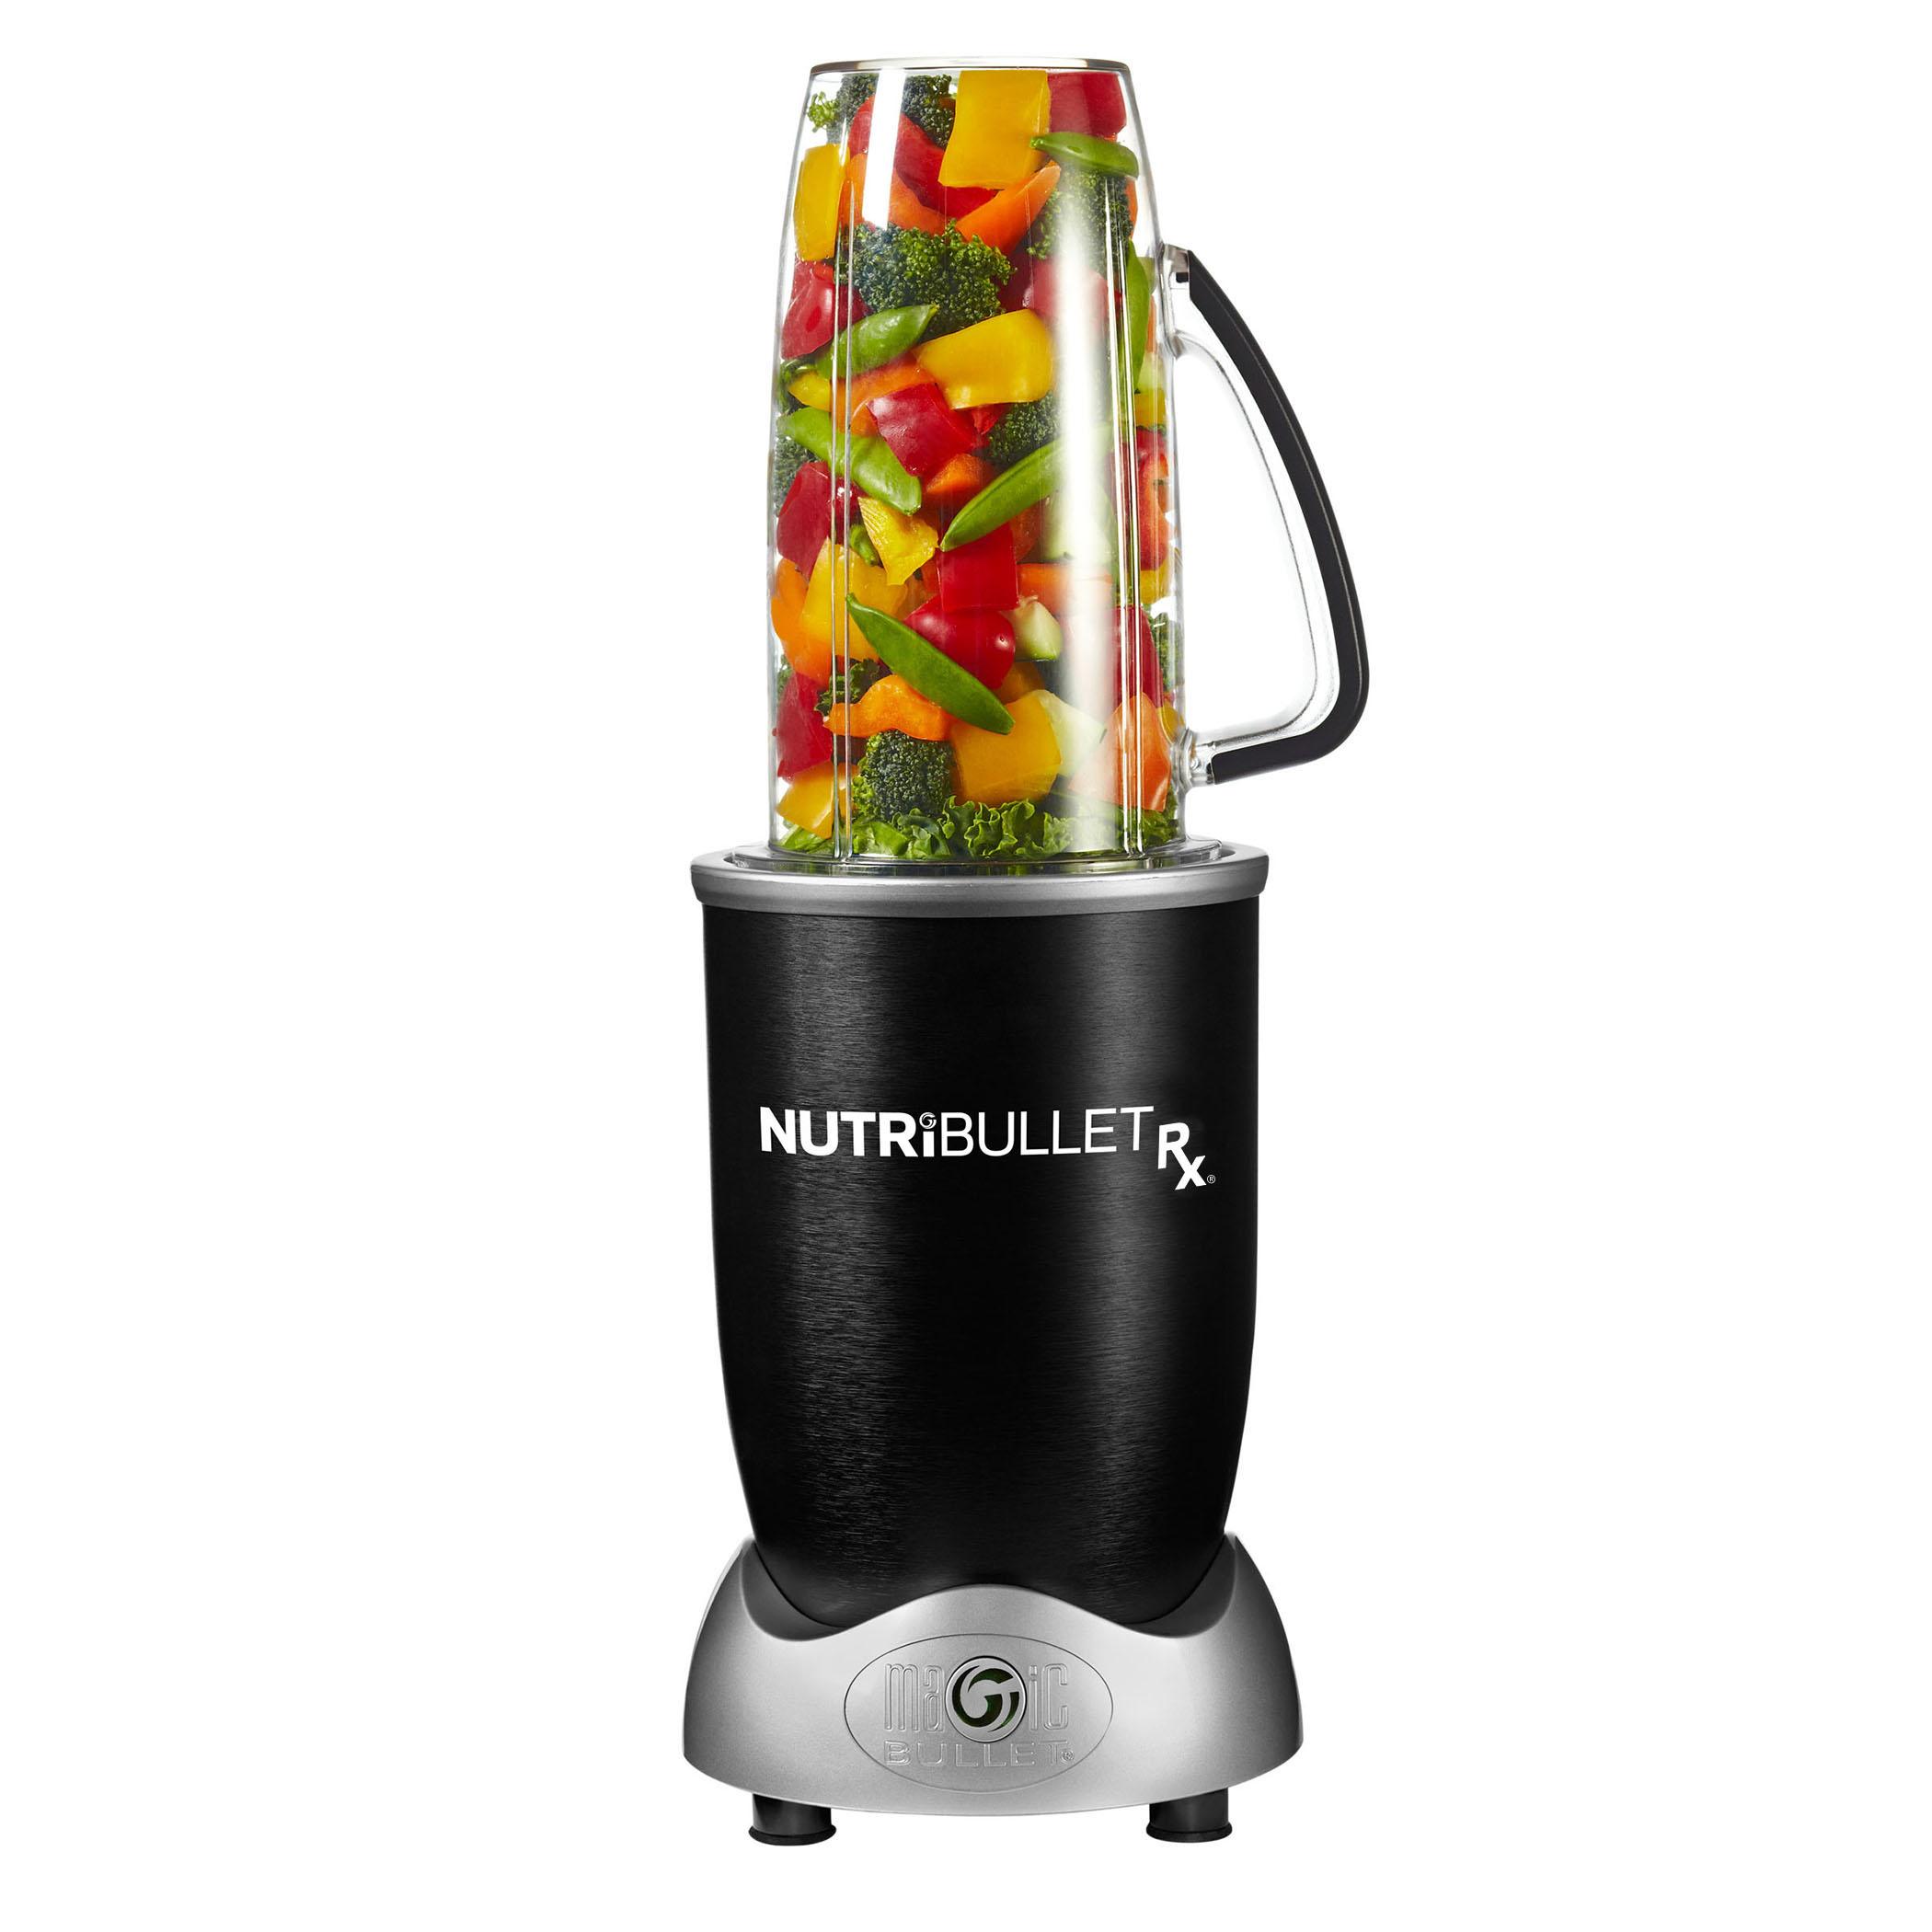 Nutribullet Rx 1700 Reviews Productreview Com Au